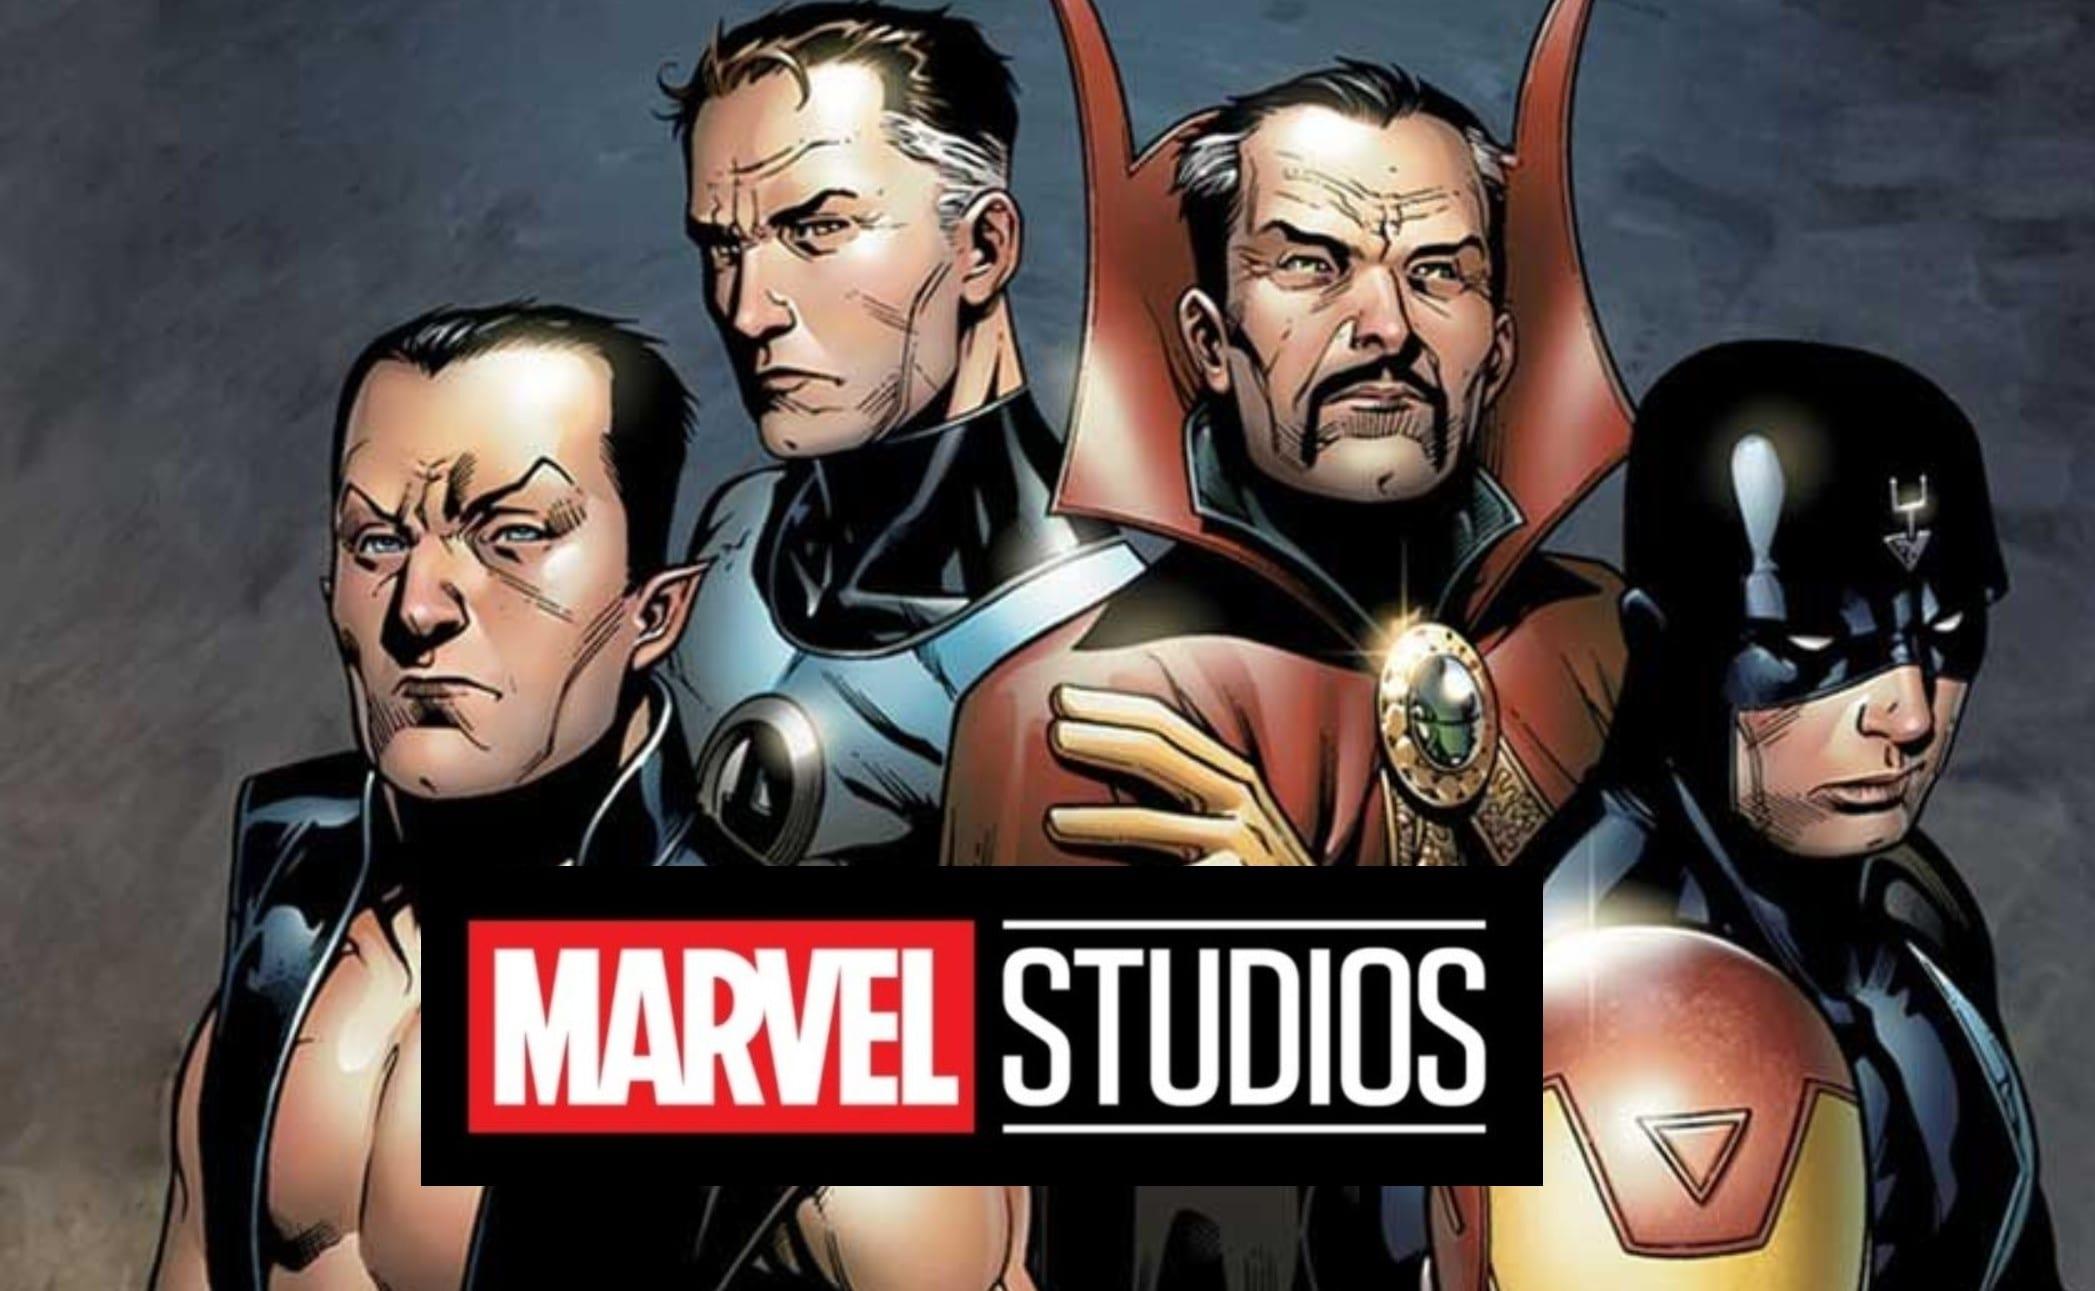 Illuminati: i Marvel Studios a lavoro su un progetto dedicato (rumor)